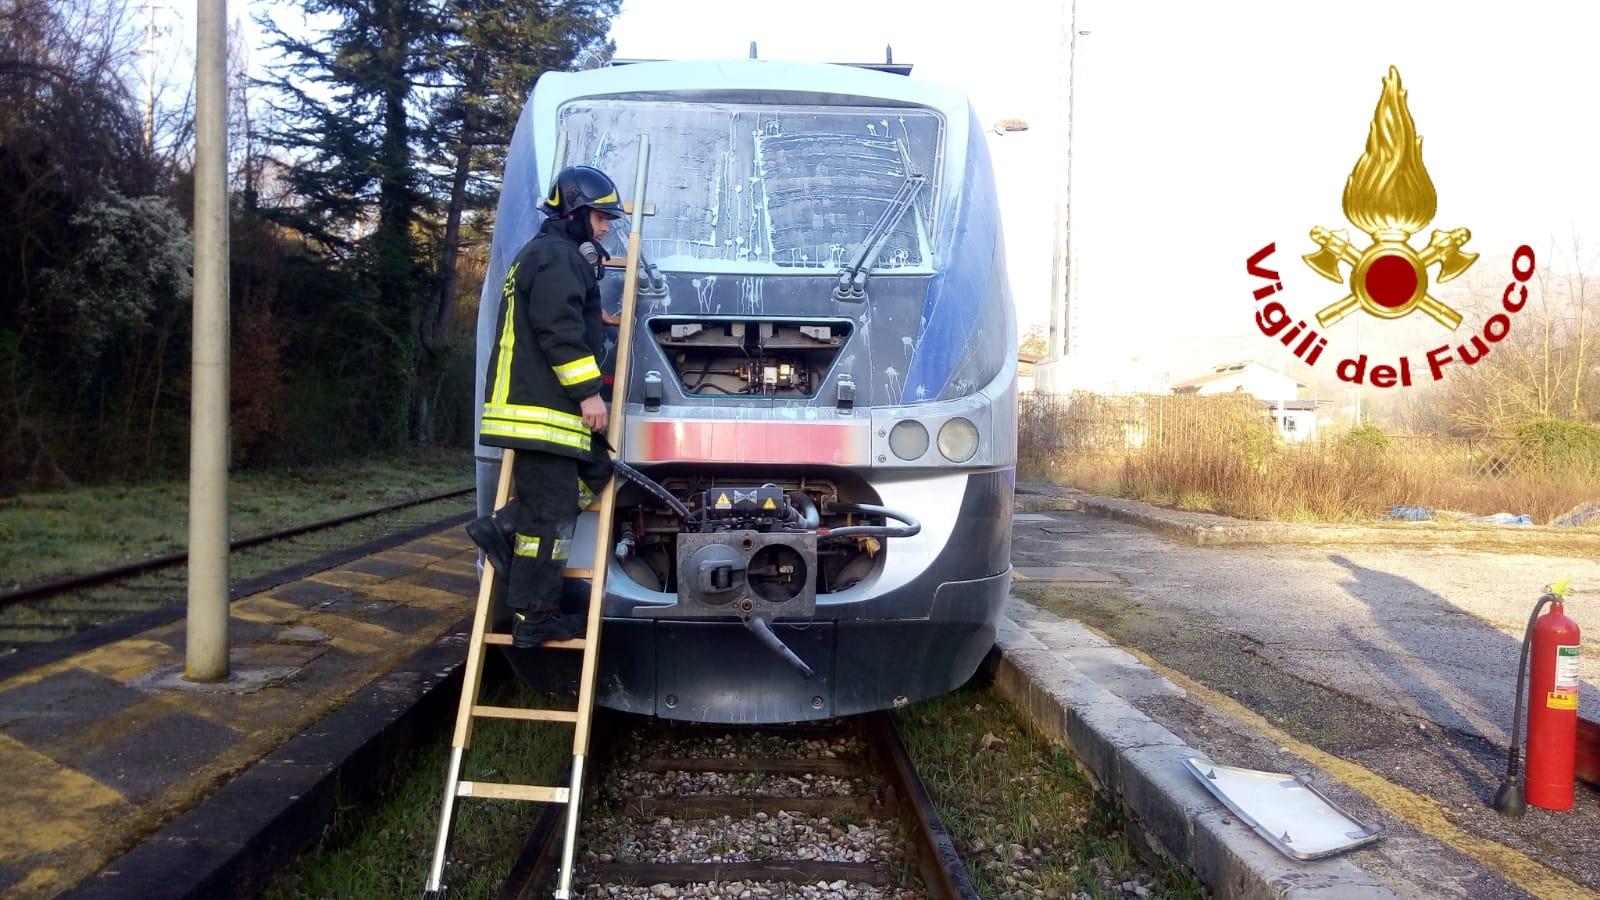 Altavilla Irpina| Principio d'incendio sul treno Benevento-Salerno, intervengono i vigili del fuoco